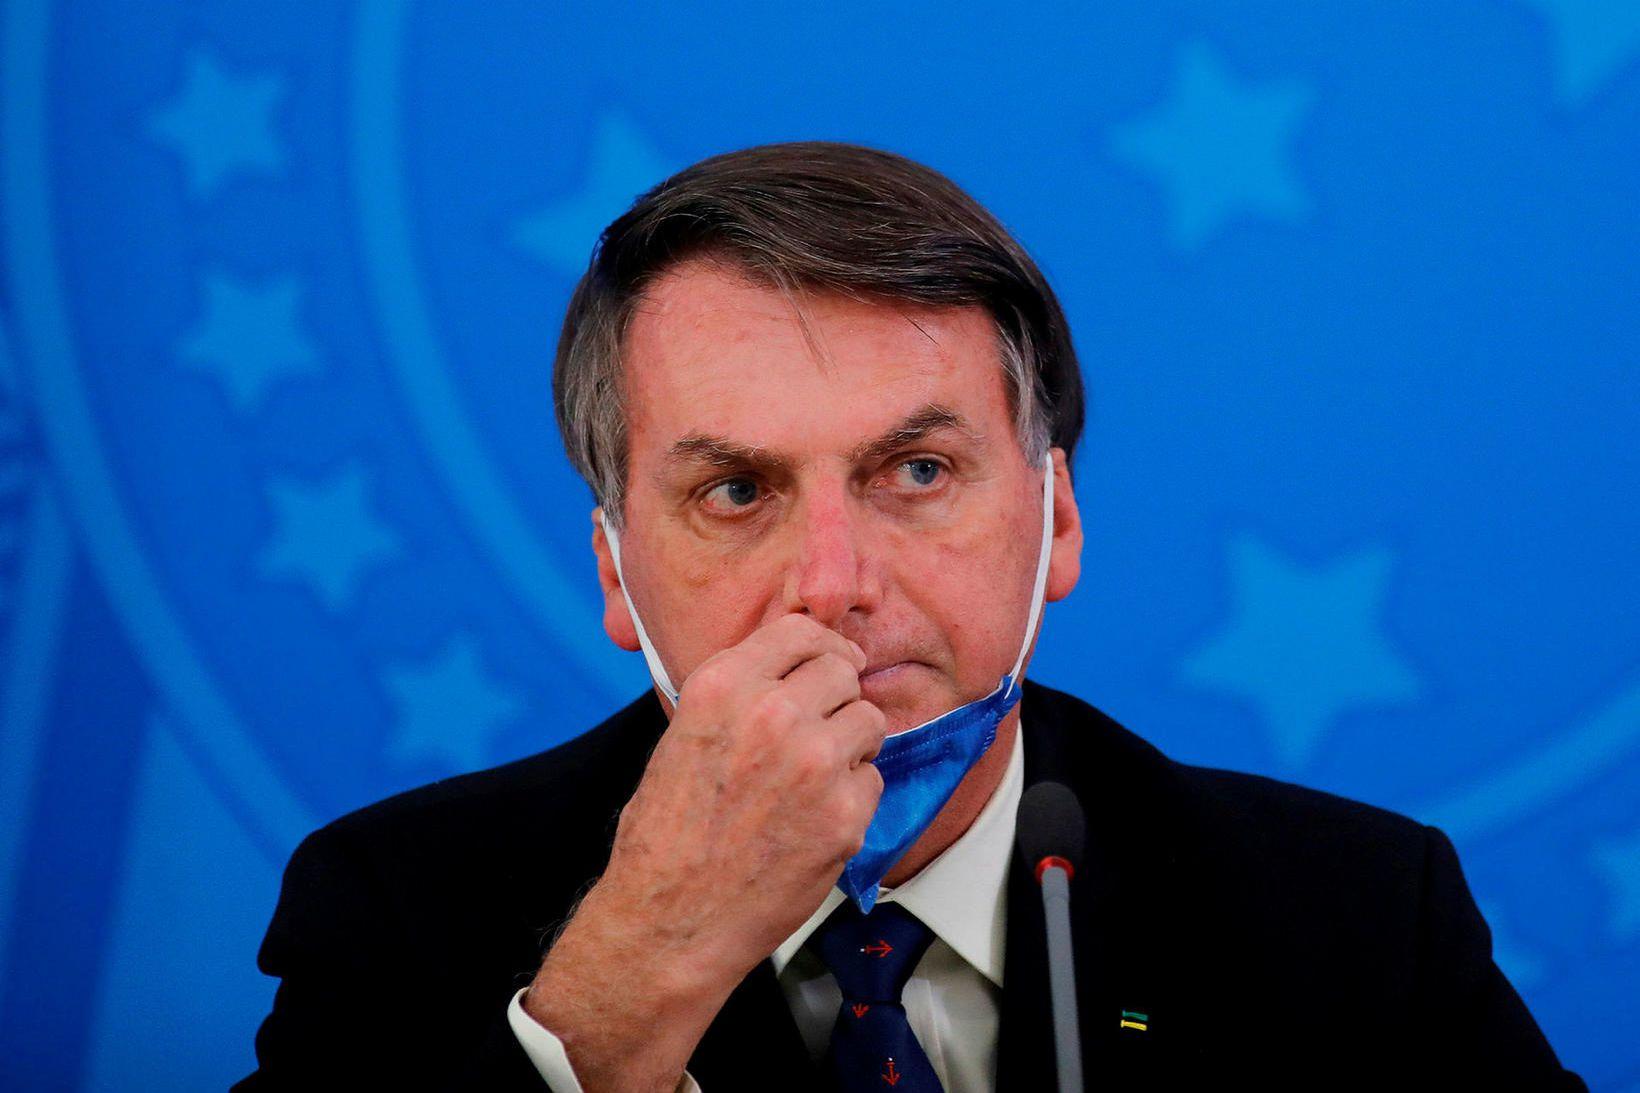 Bolsonaro hefur ítrekað gert lítið úr kórónuveirufaraldrinum.